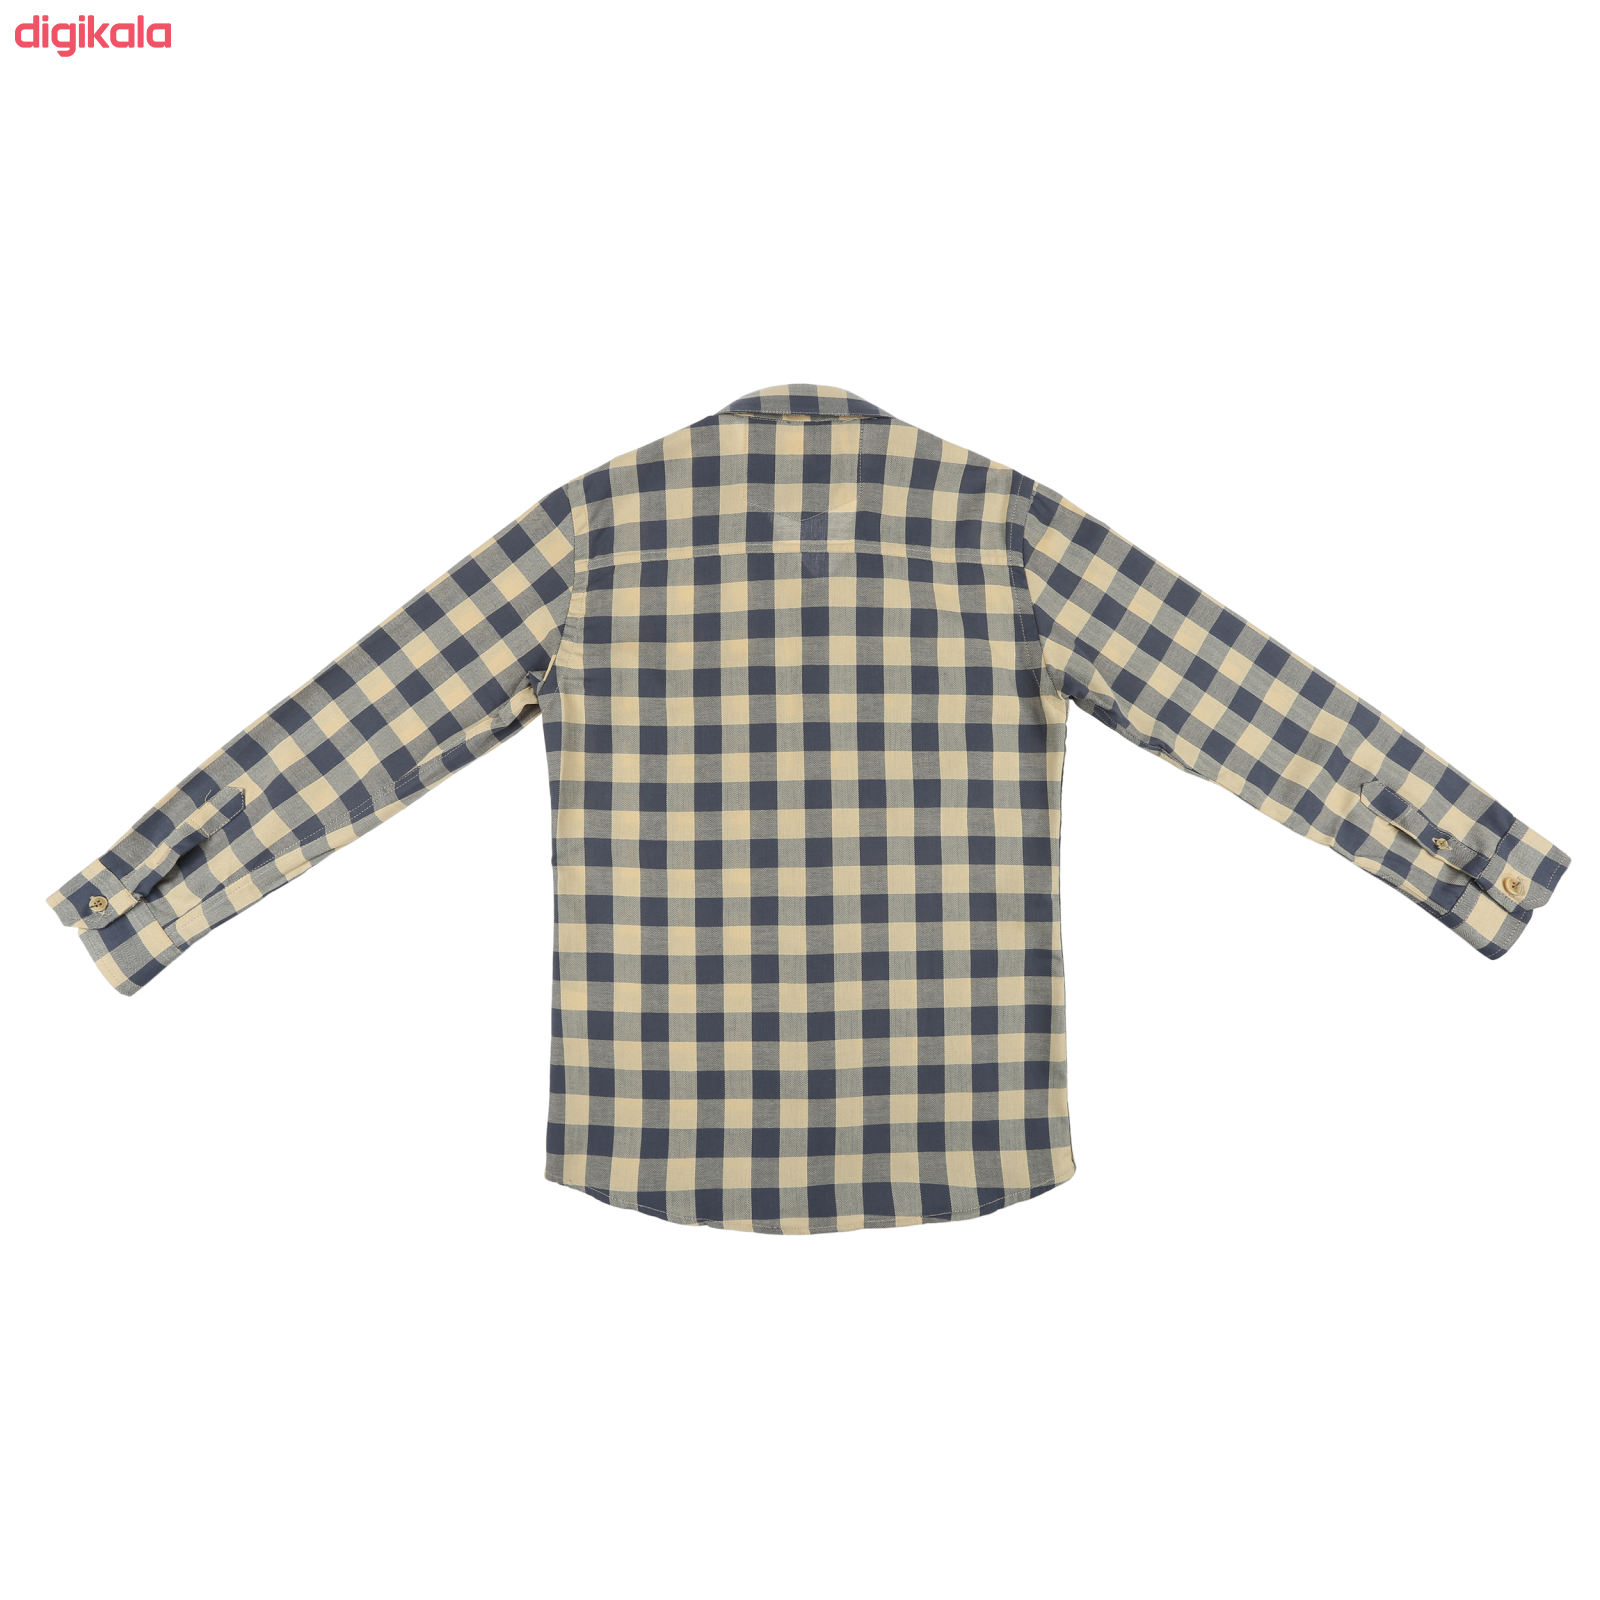 پیراهن پسرانه ناوالس کد D-20119-YLGY main 1 3